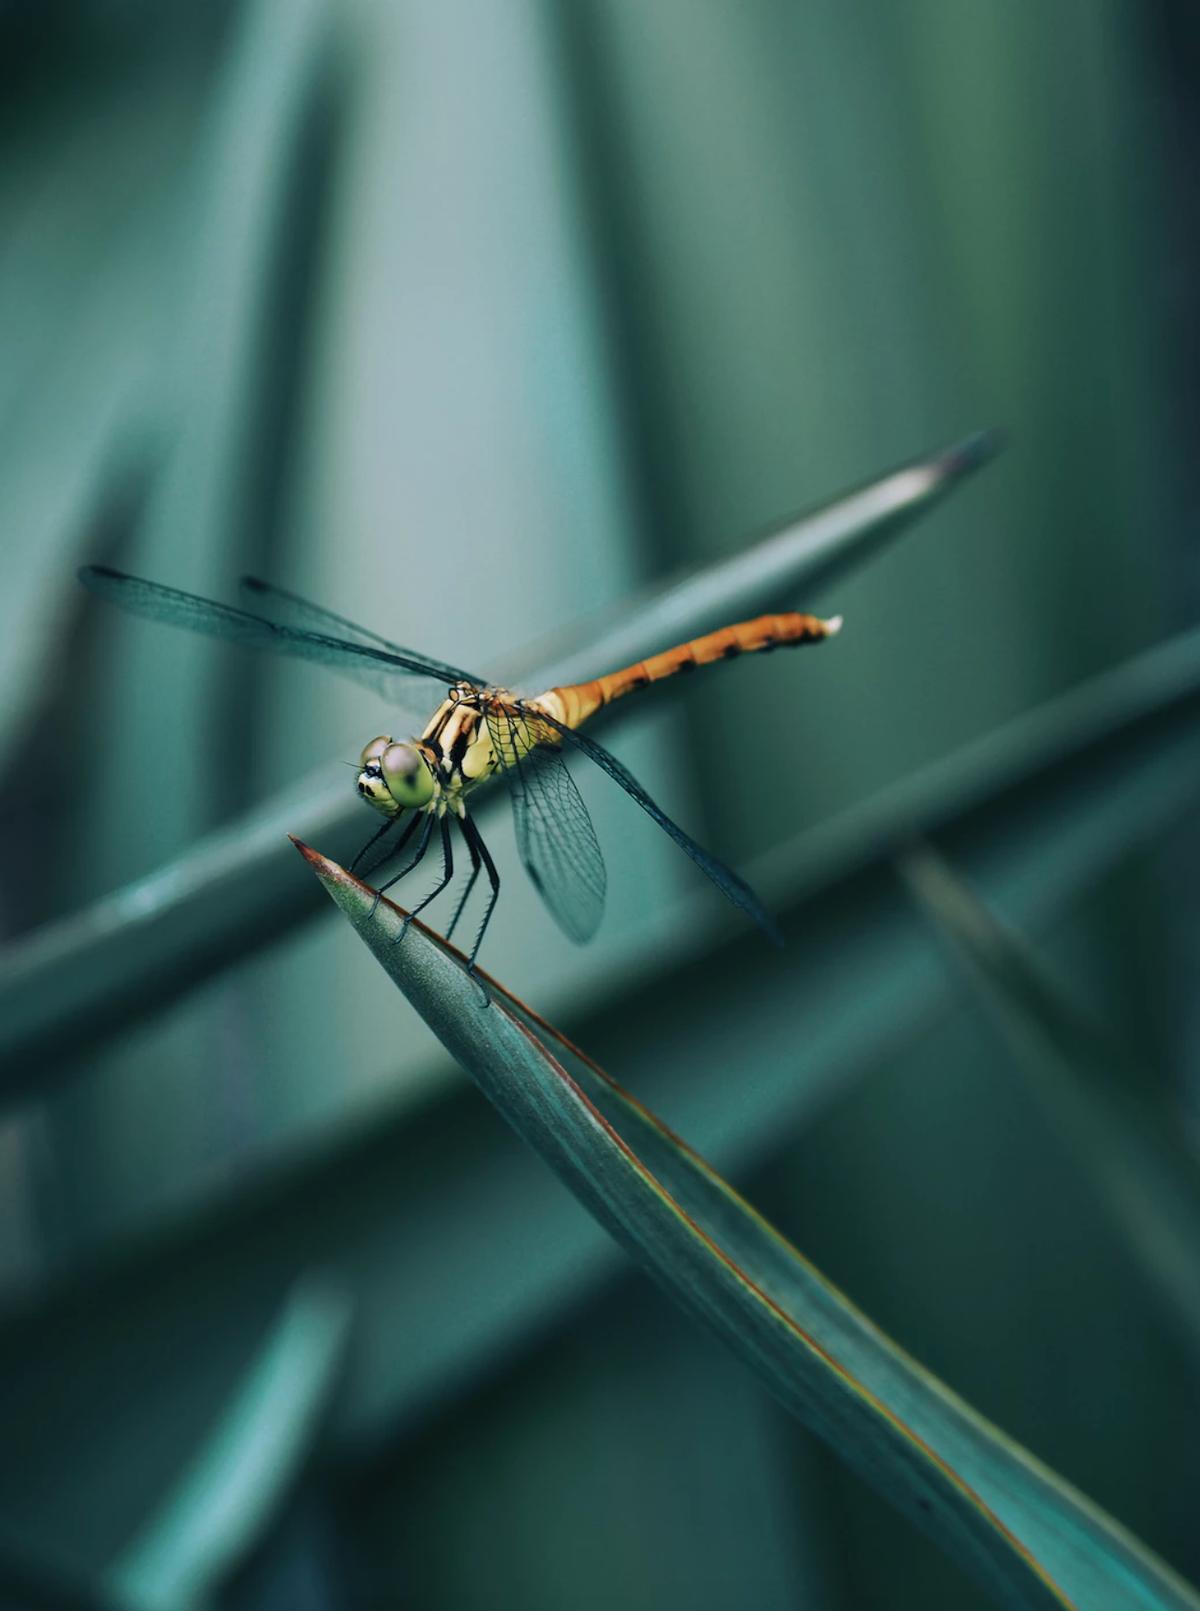 libellule insecte auxiliaire mangeur insecte - blog déco - clemaroundthecorner